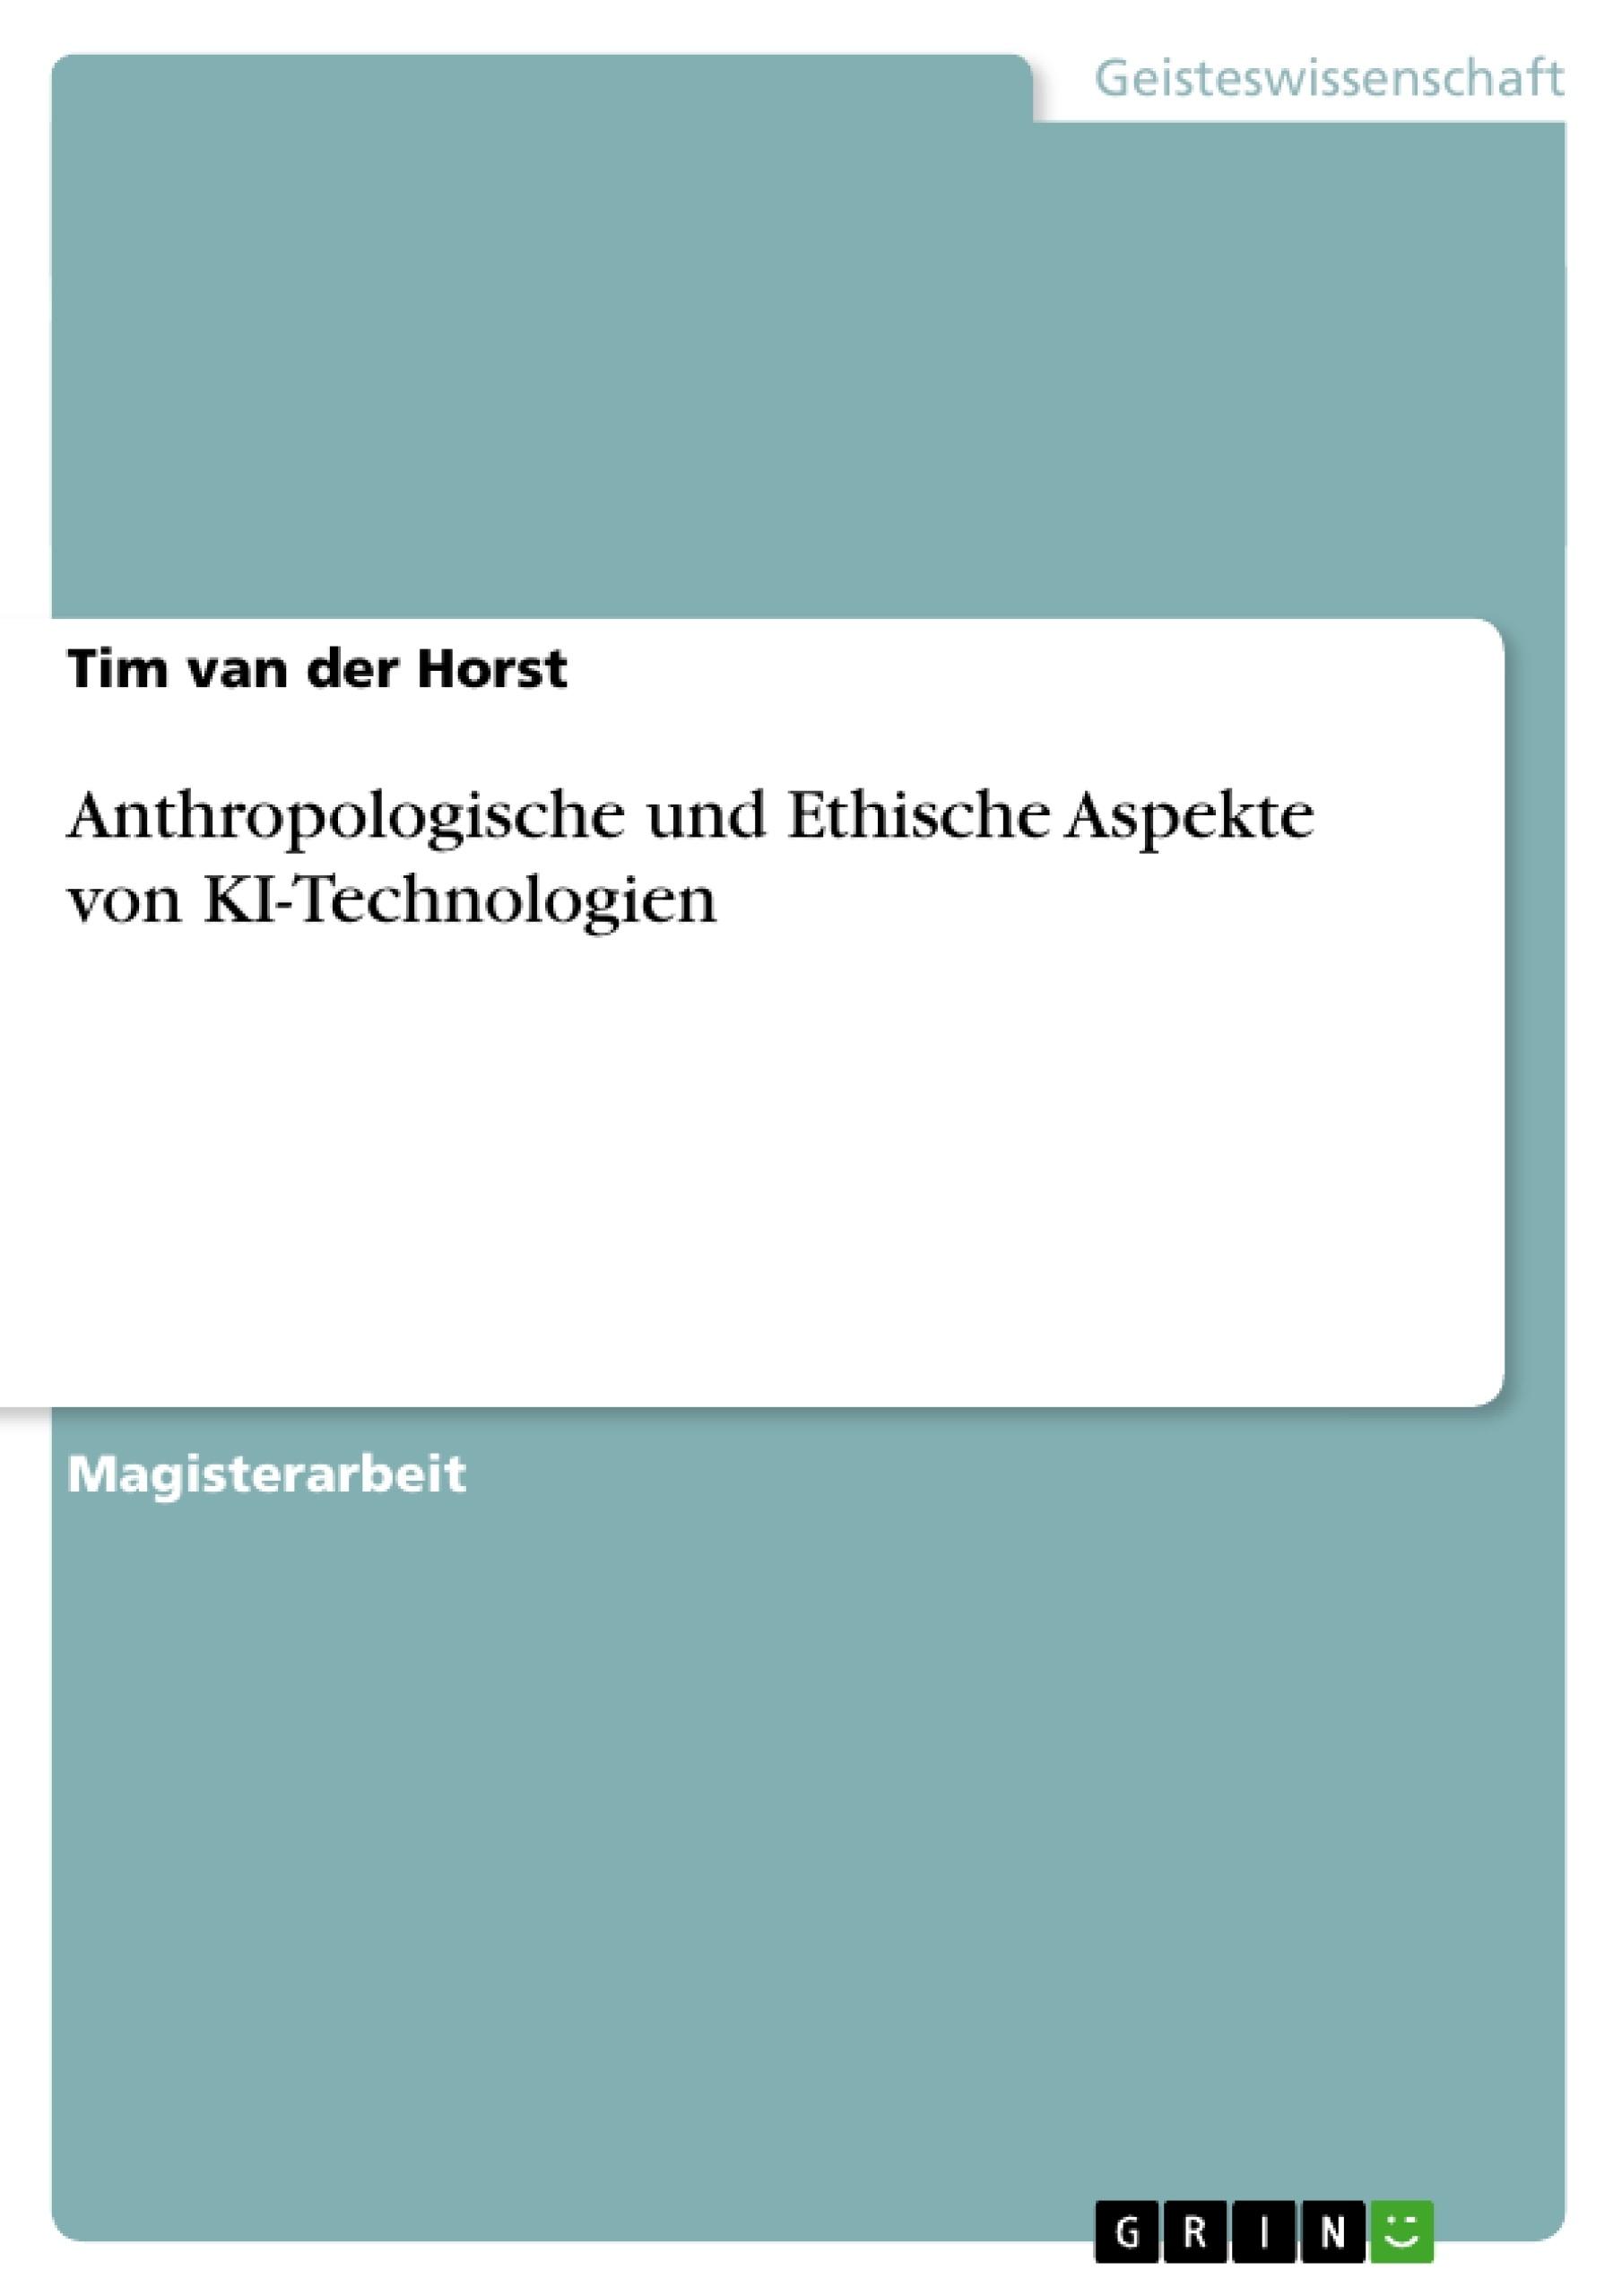 Titel: Anthropologische und Ethische Aspekte von KI-Technologien